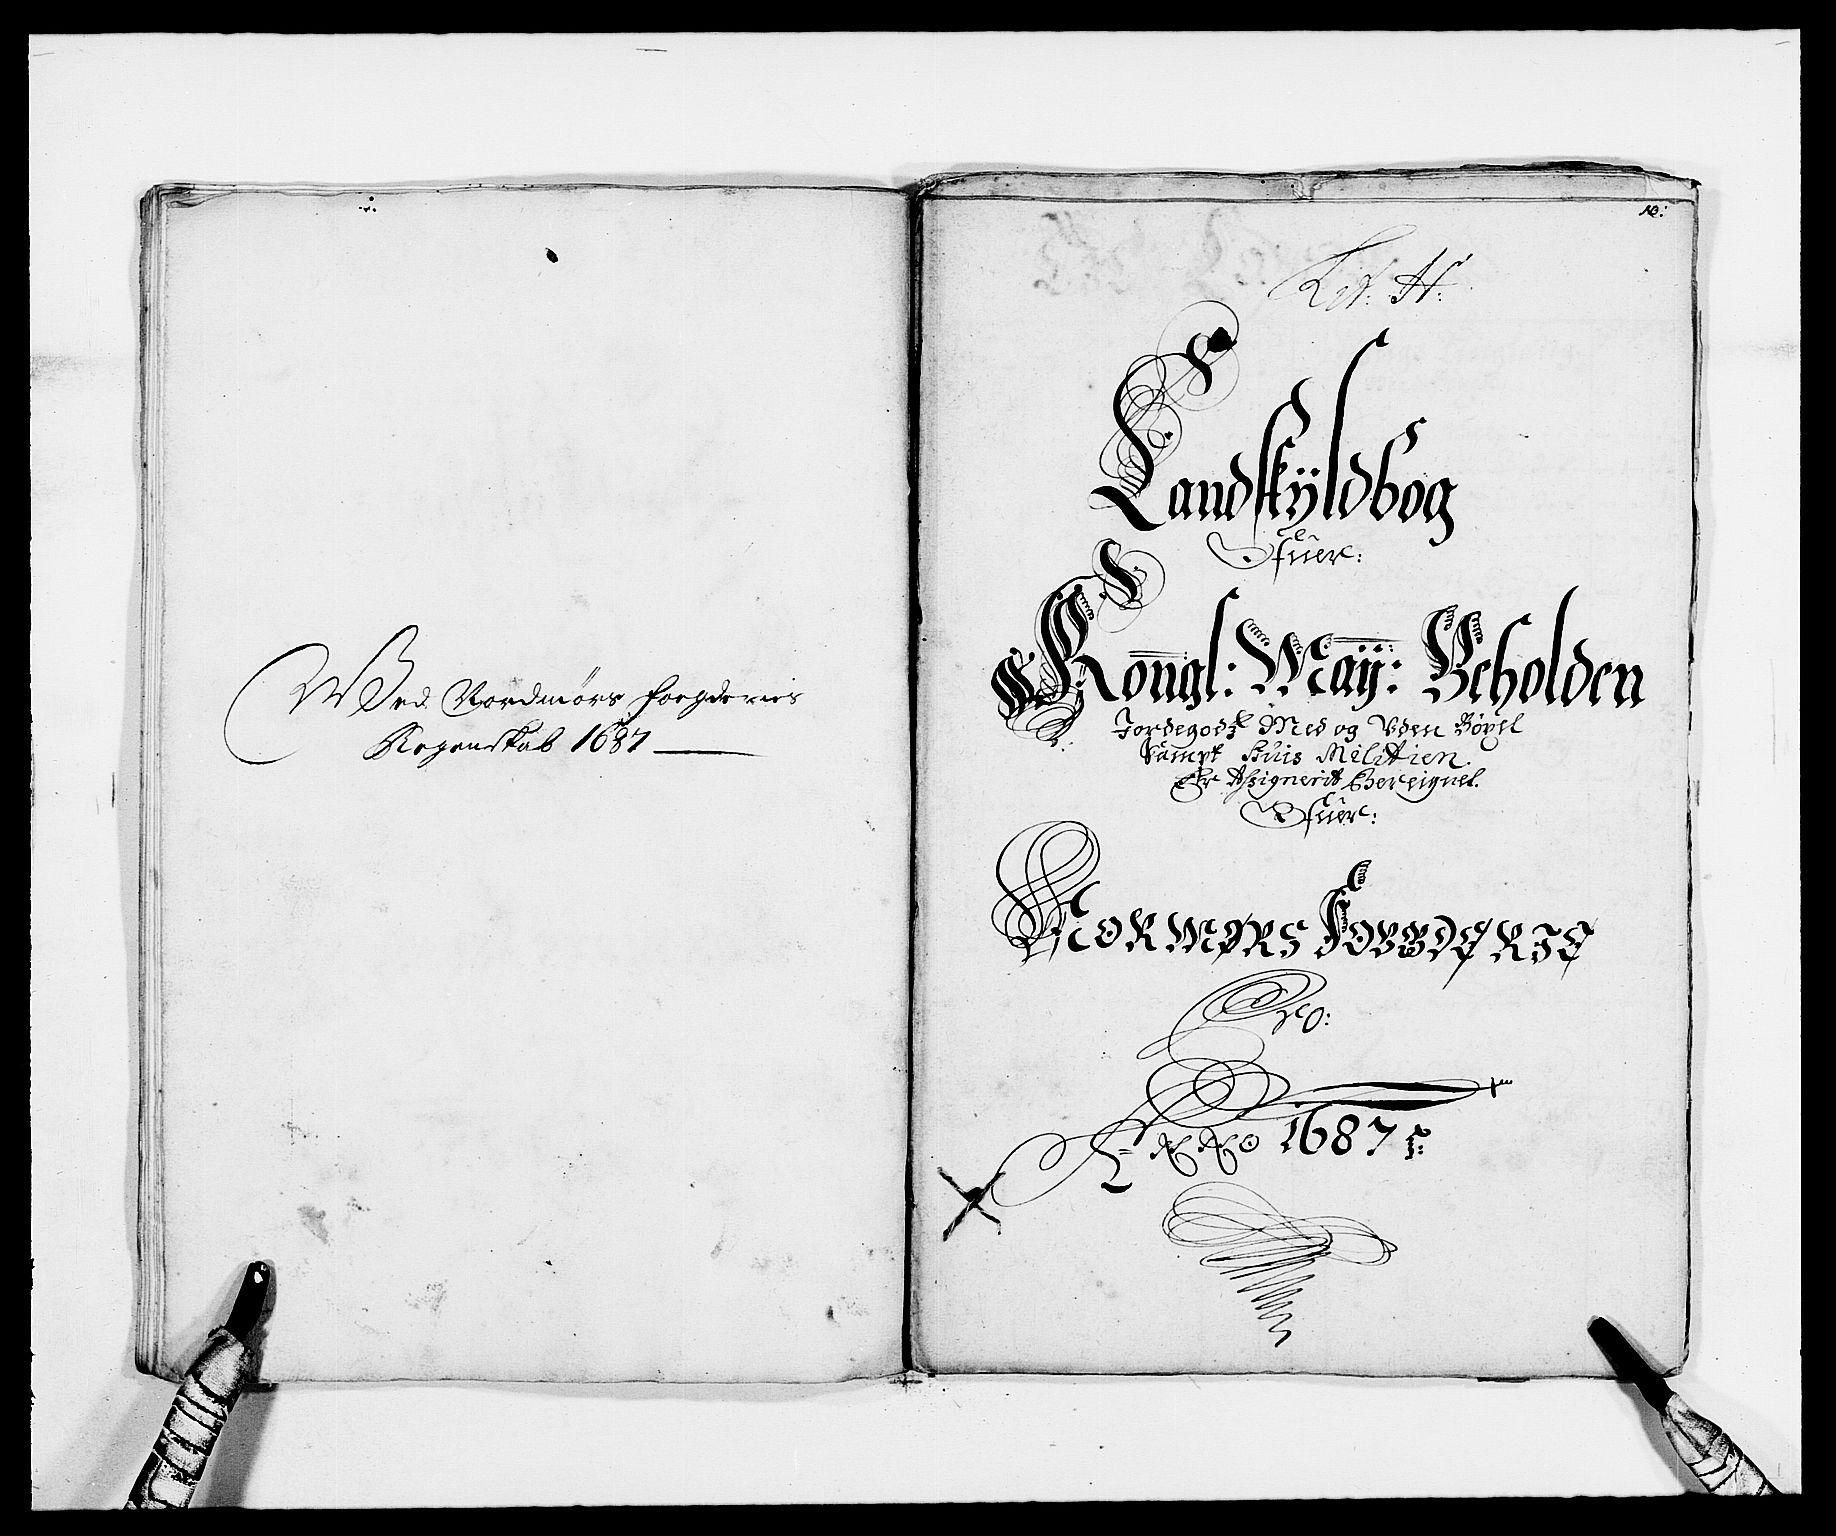 RA, Rentekammeret inntil 1814, Reviderte regnskaper, Fogderegnskap, R56/L3733: Fogderegnskap Nordmøre, 1687-1689, s. 80